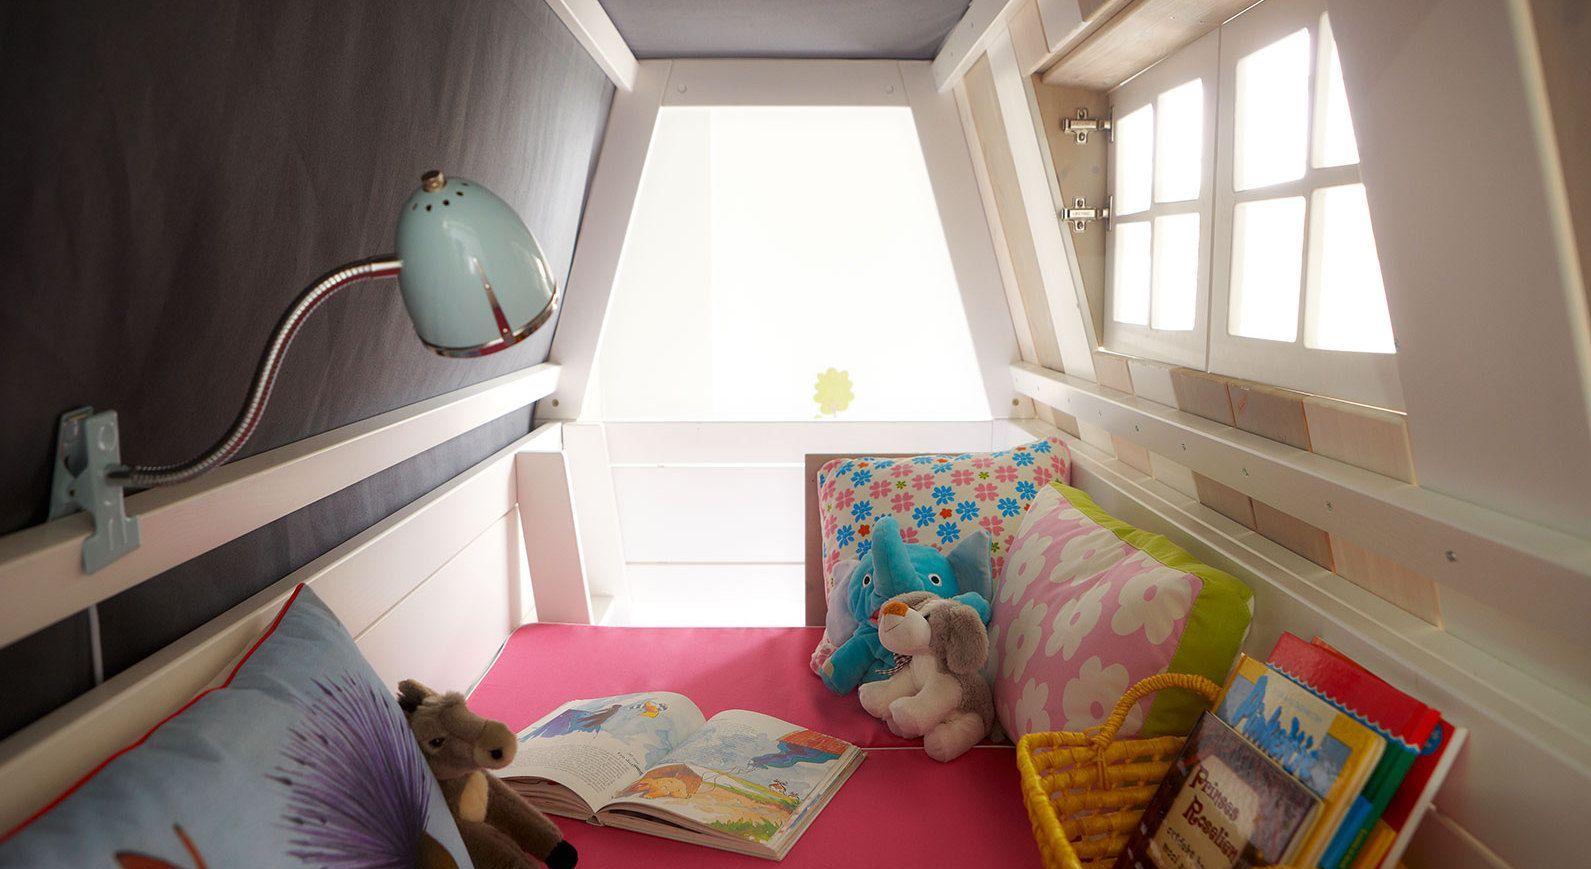 LIFETIME Abenteuer- und Etagenbett Hangout mit oberem Spielbereich